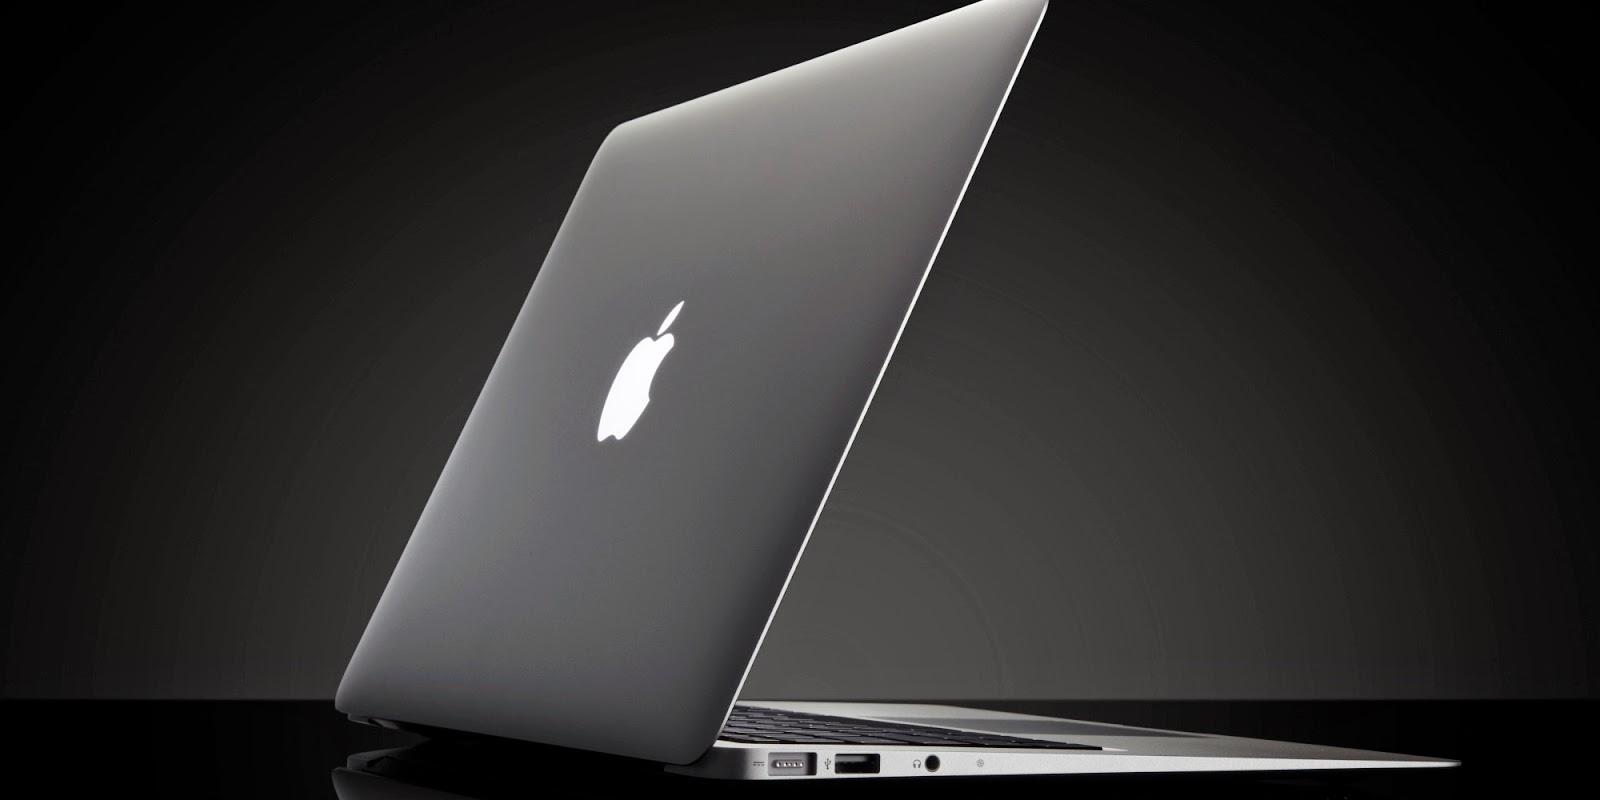 Apple's macbook air 13